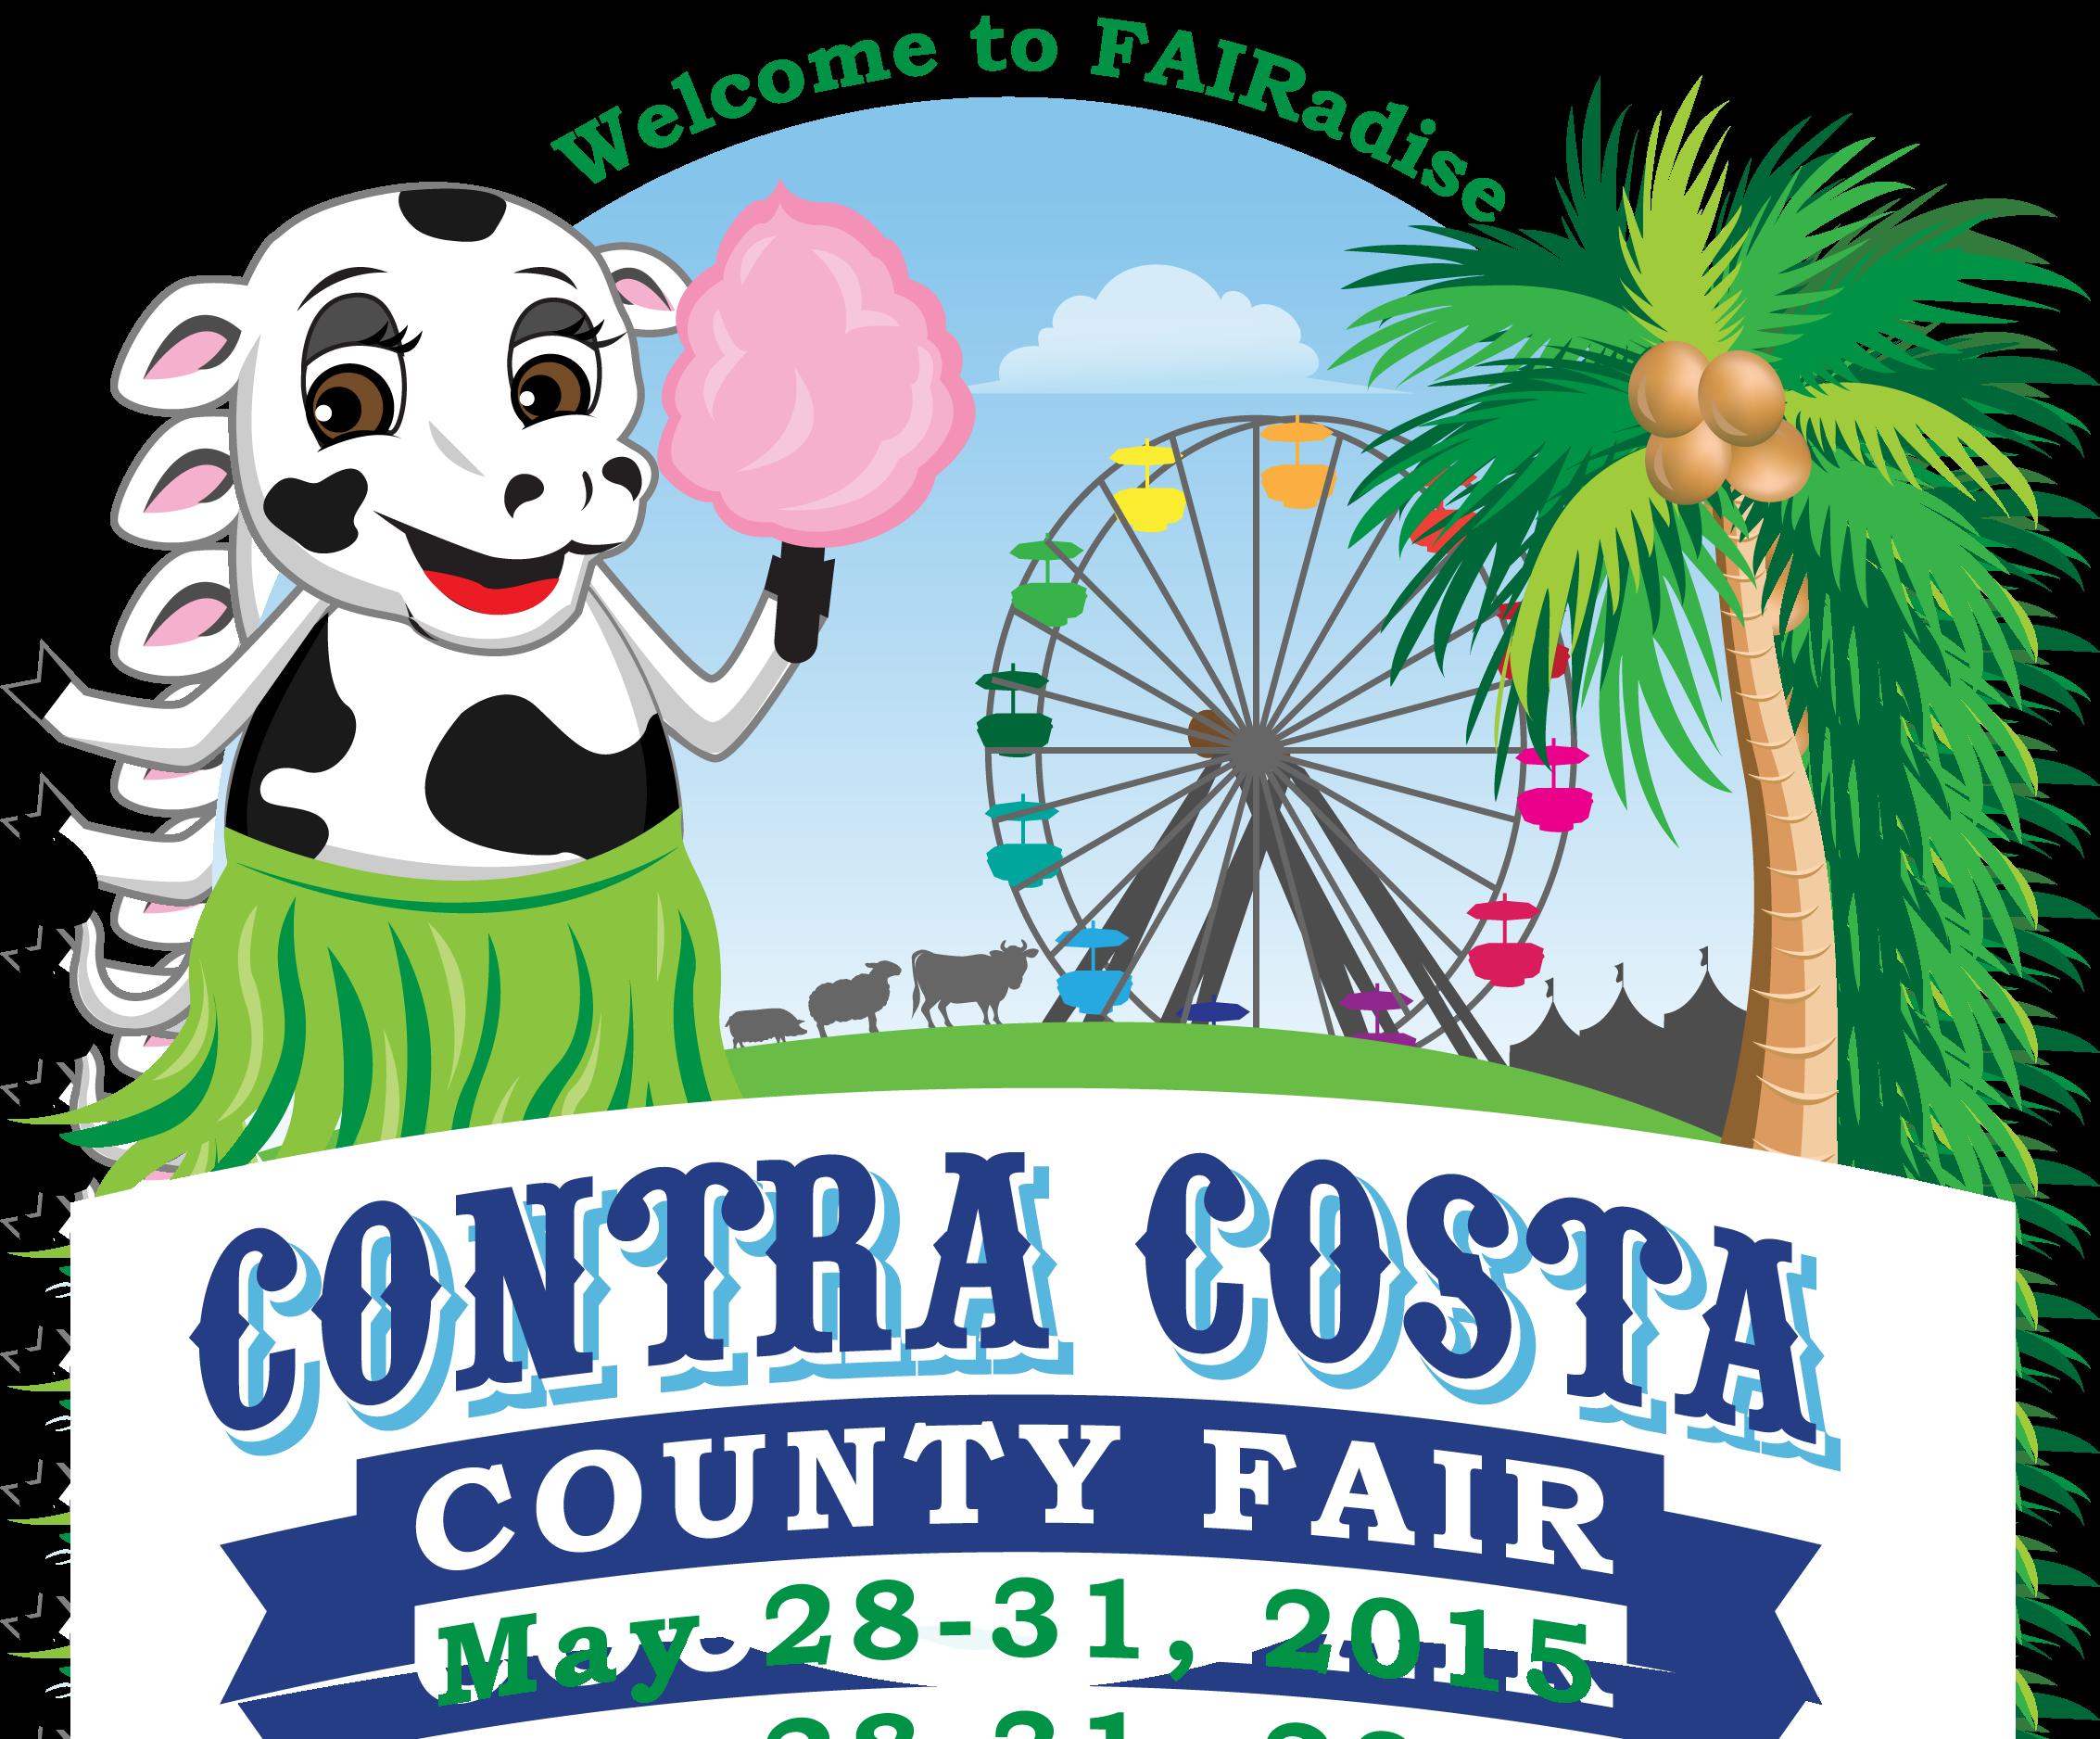 Contra costa county runs. Musician clipart country fair